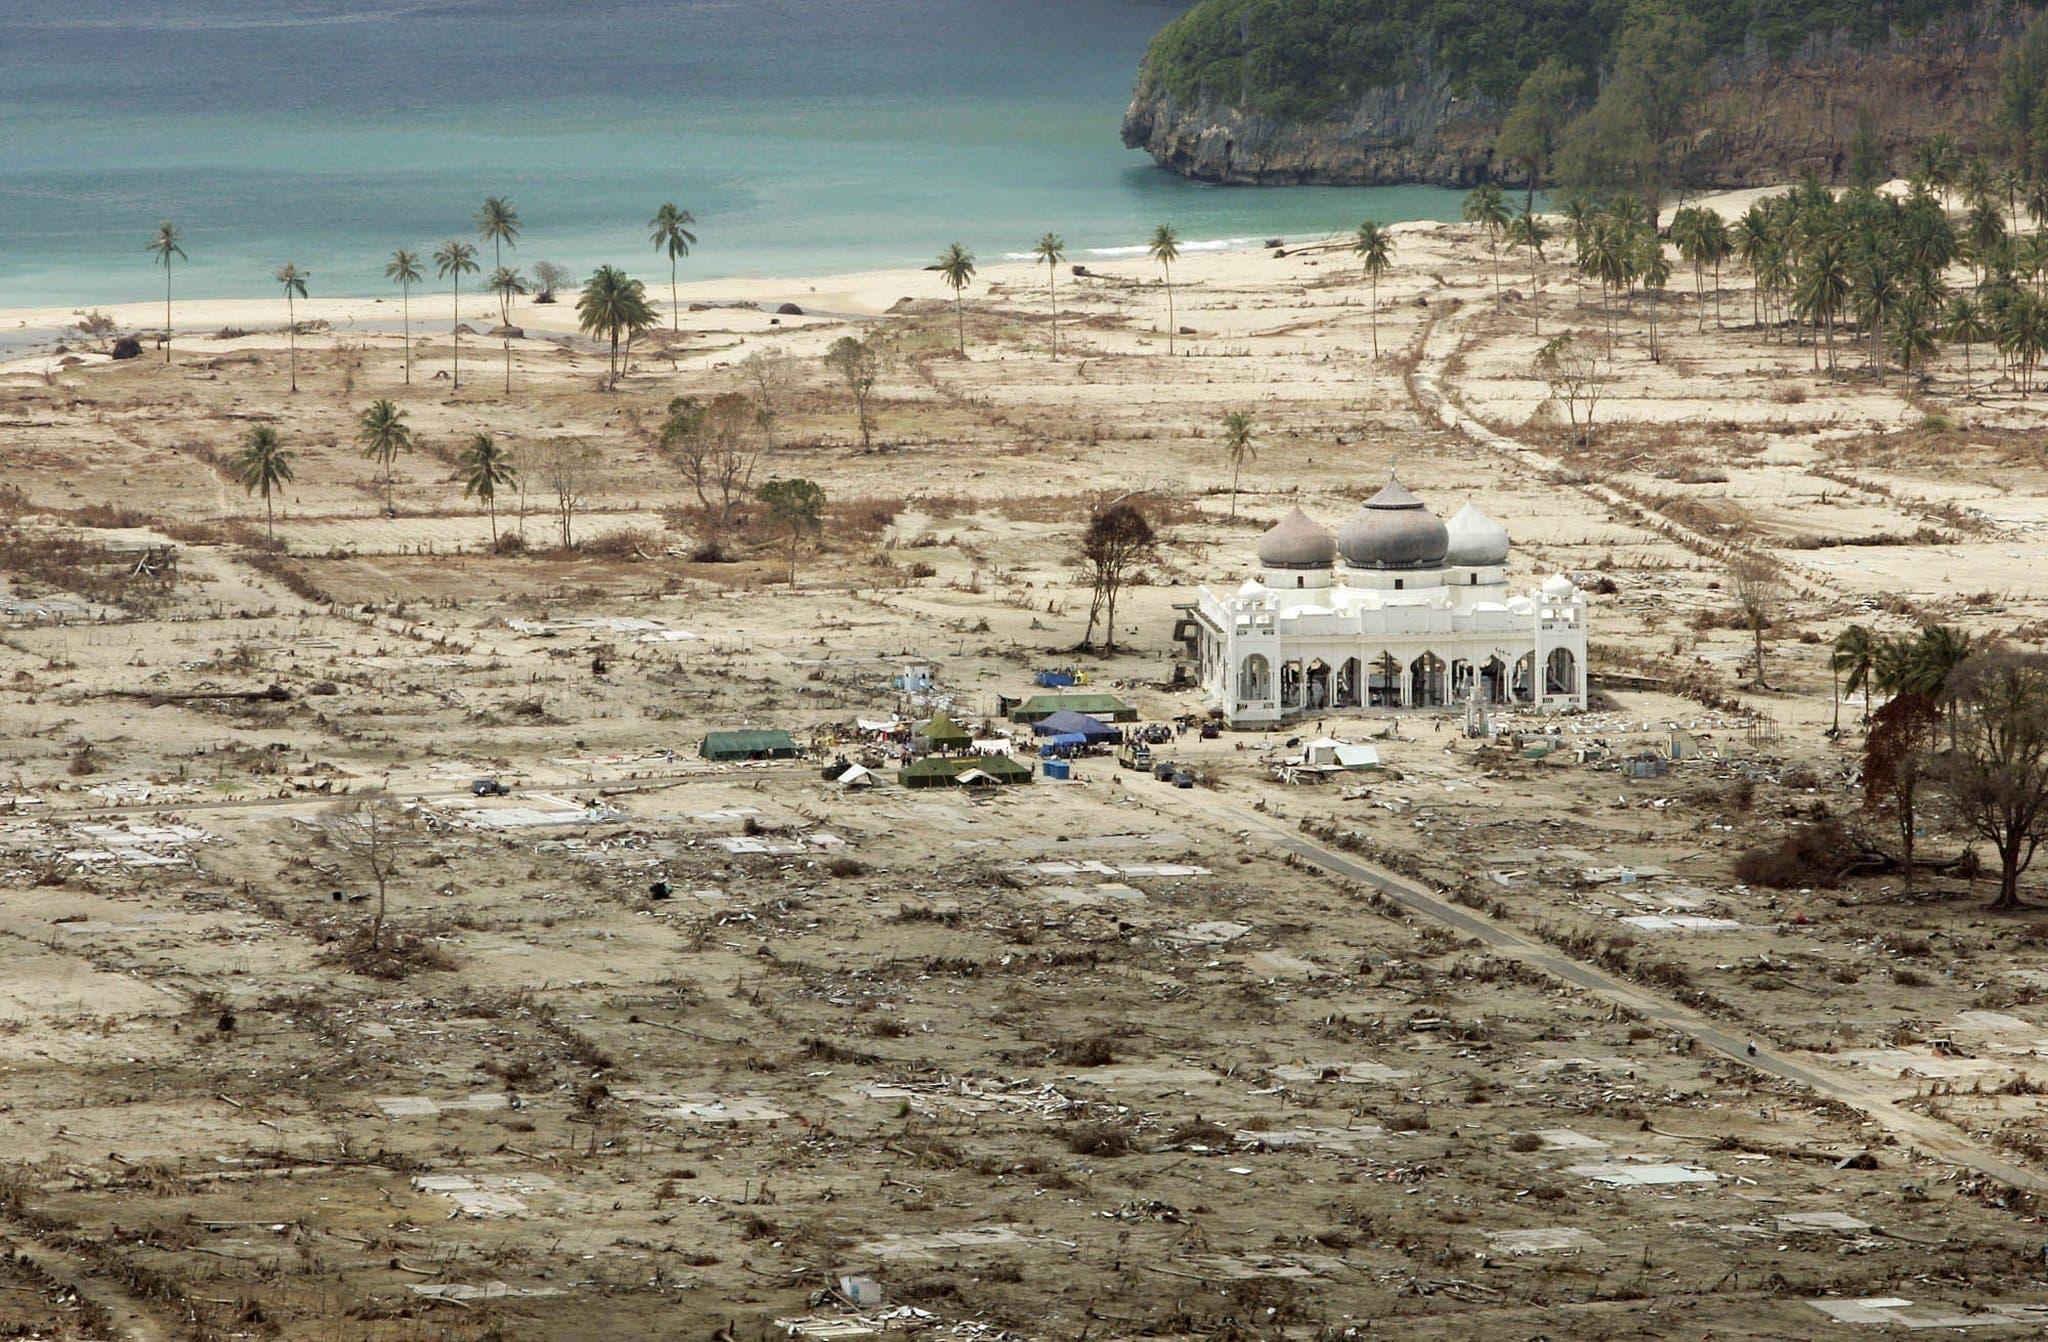 Am 26. Dezember 2004 hat ein Tsunami in bisher nicht gekannter Grösse und Stärke fast 250'000 Menschen in den Tod gerissen.